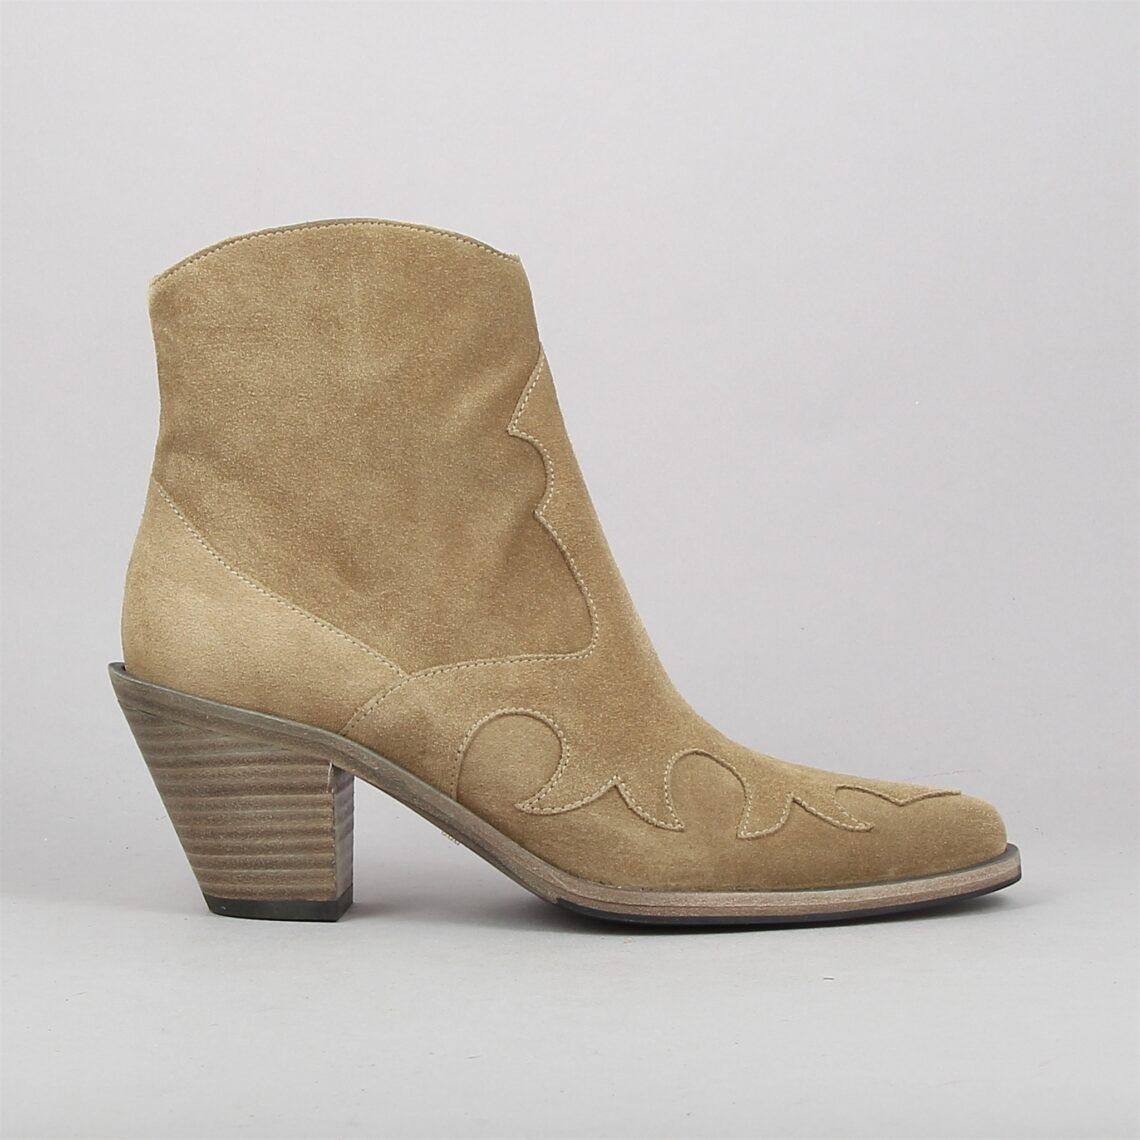 jane 7 west zip boot